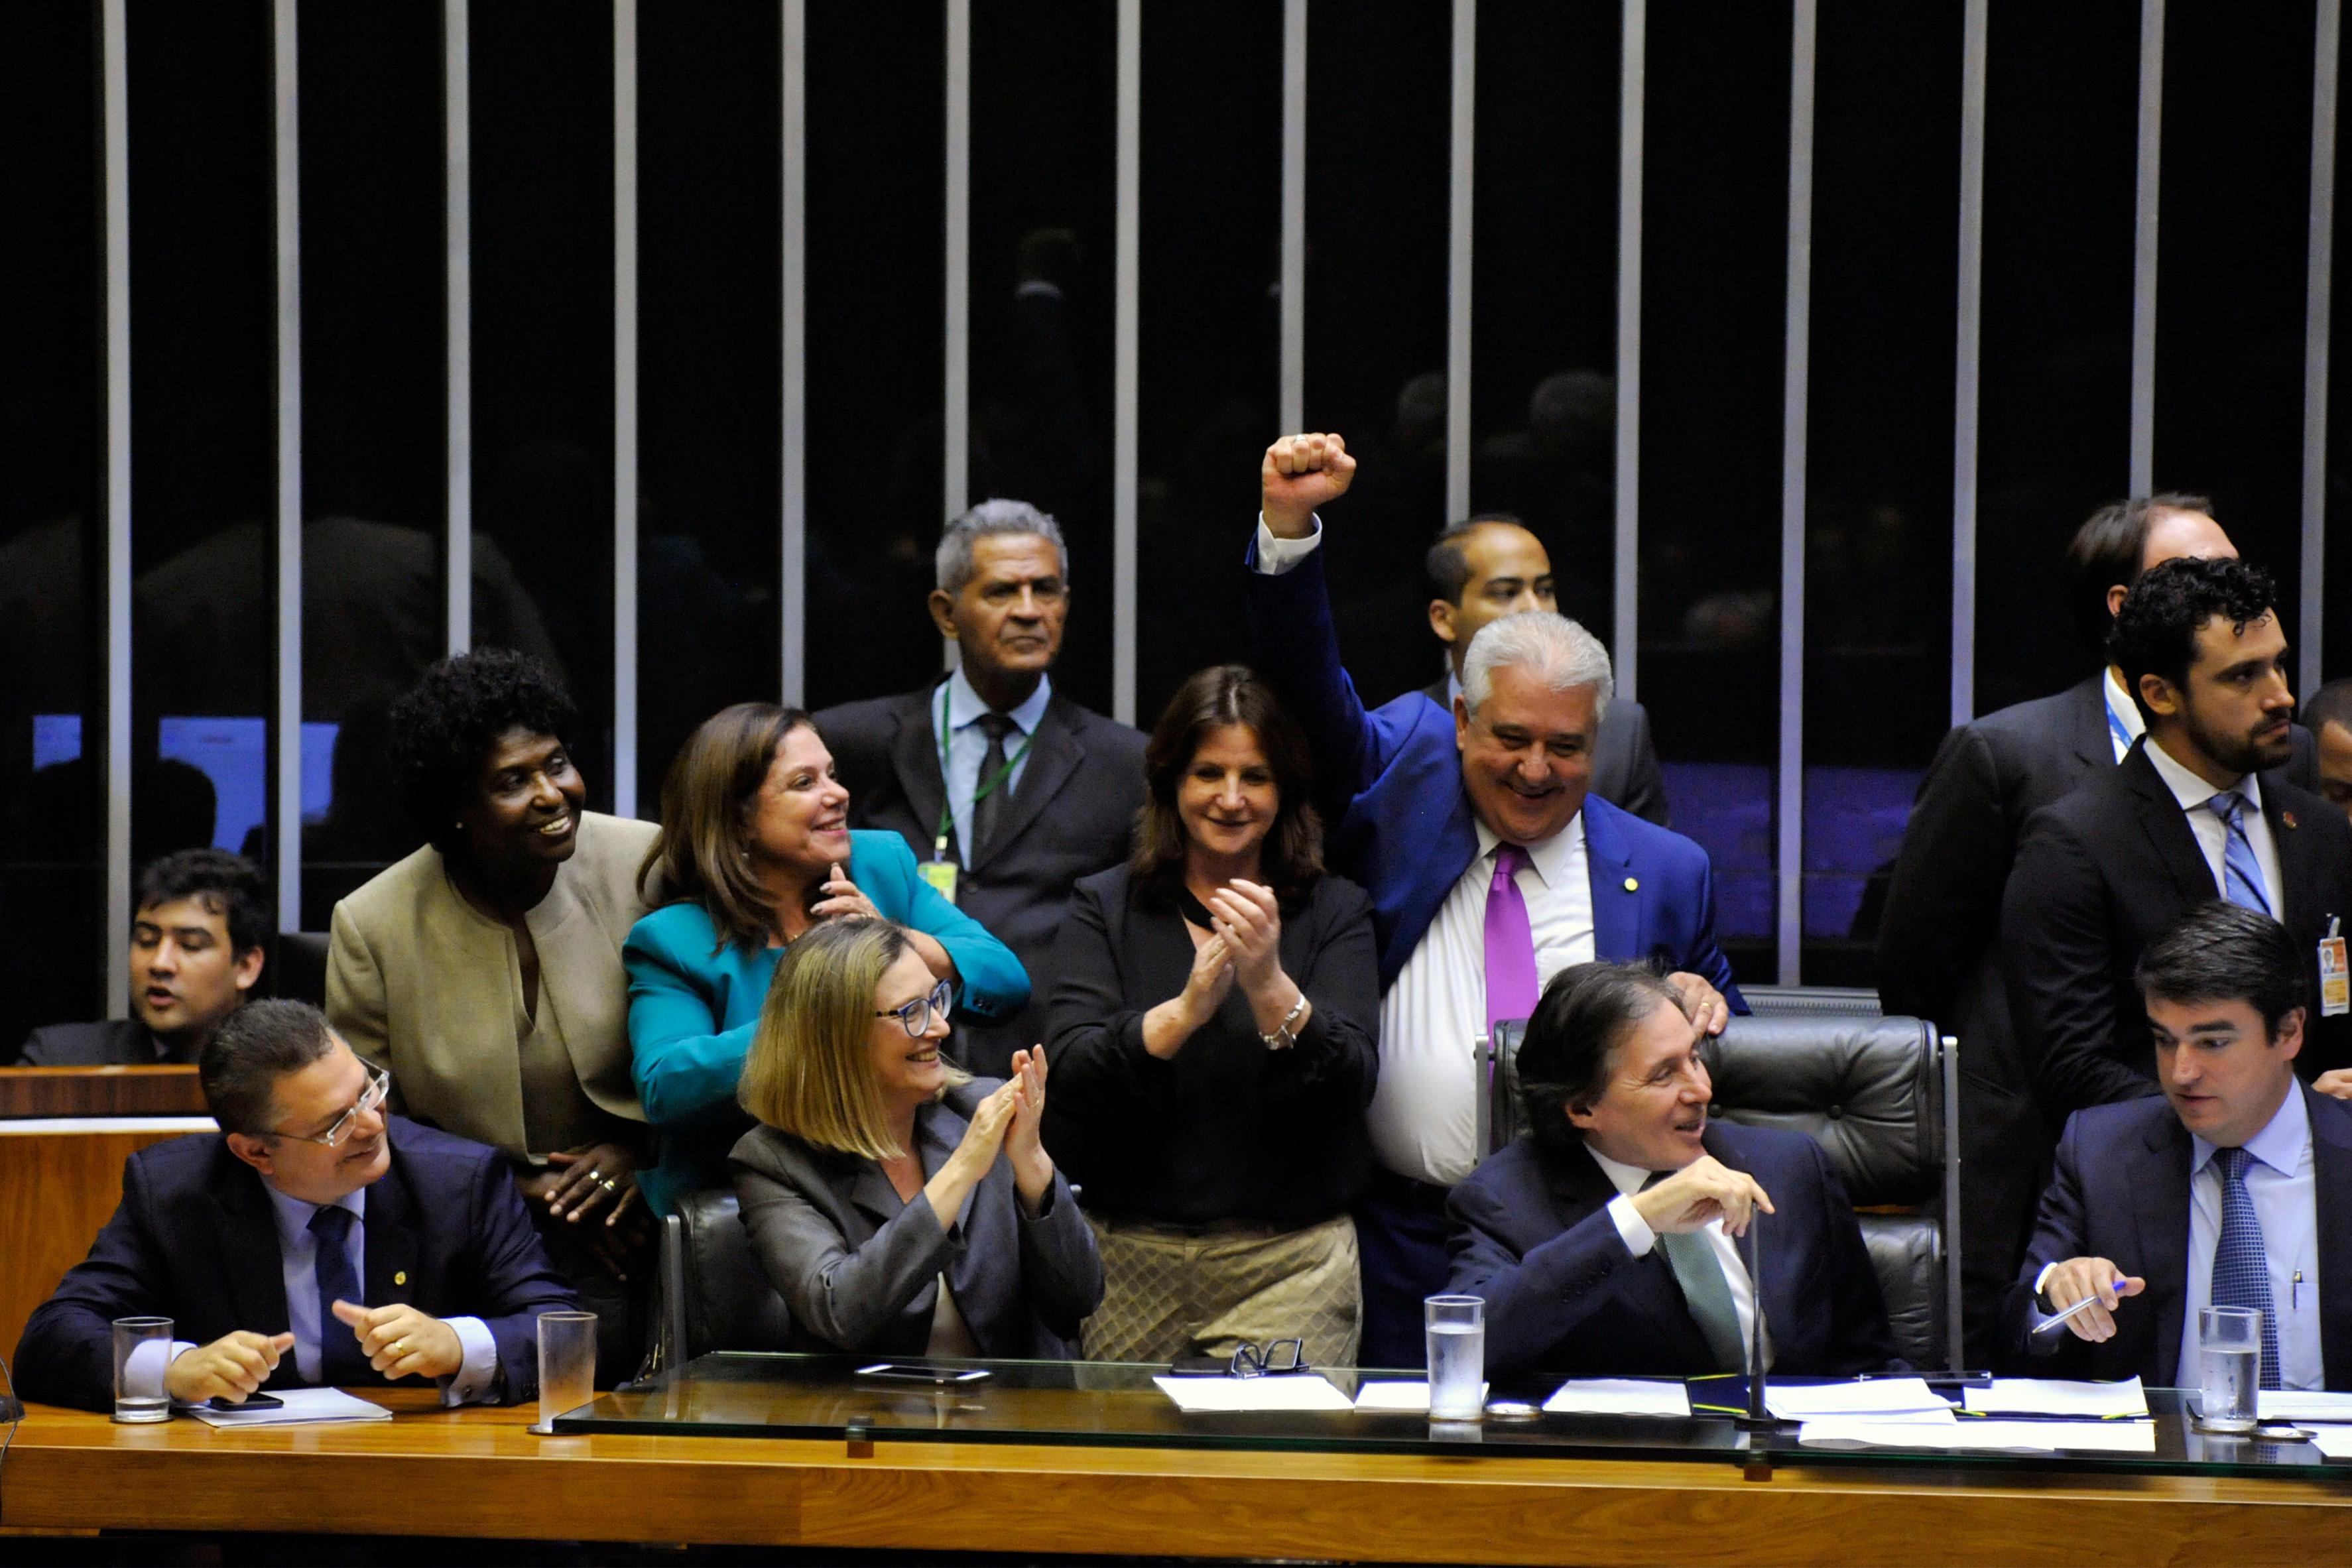 Sessão do Congresso Nacional para deliberação de vetos presidenciais